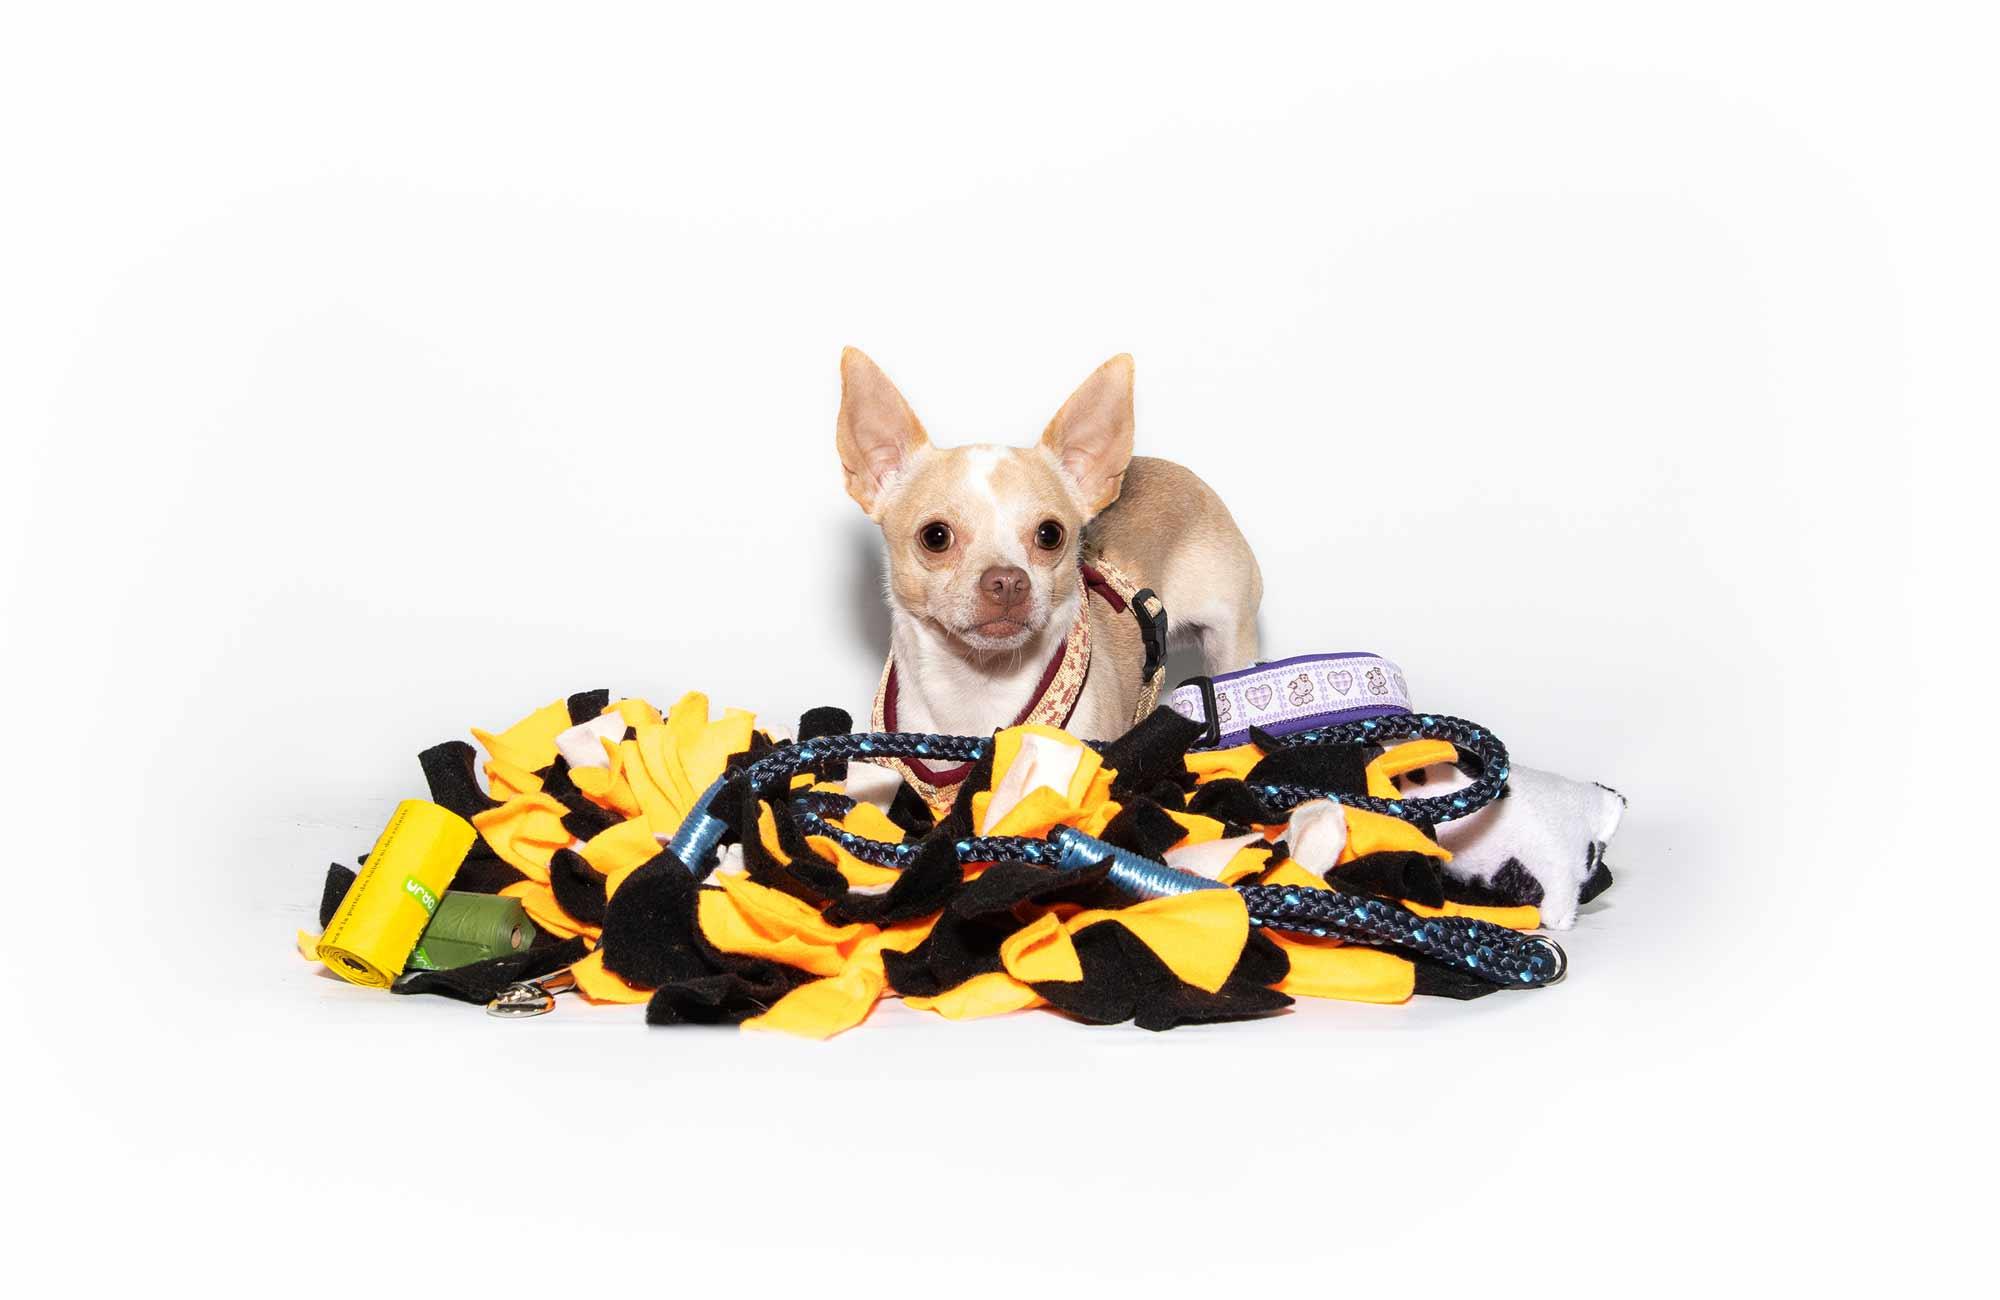 kleiner süßer Hund inspiziert das umfangreiche Zubehör-Sortiment von PfotenImBiss